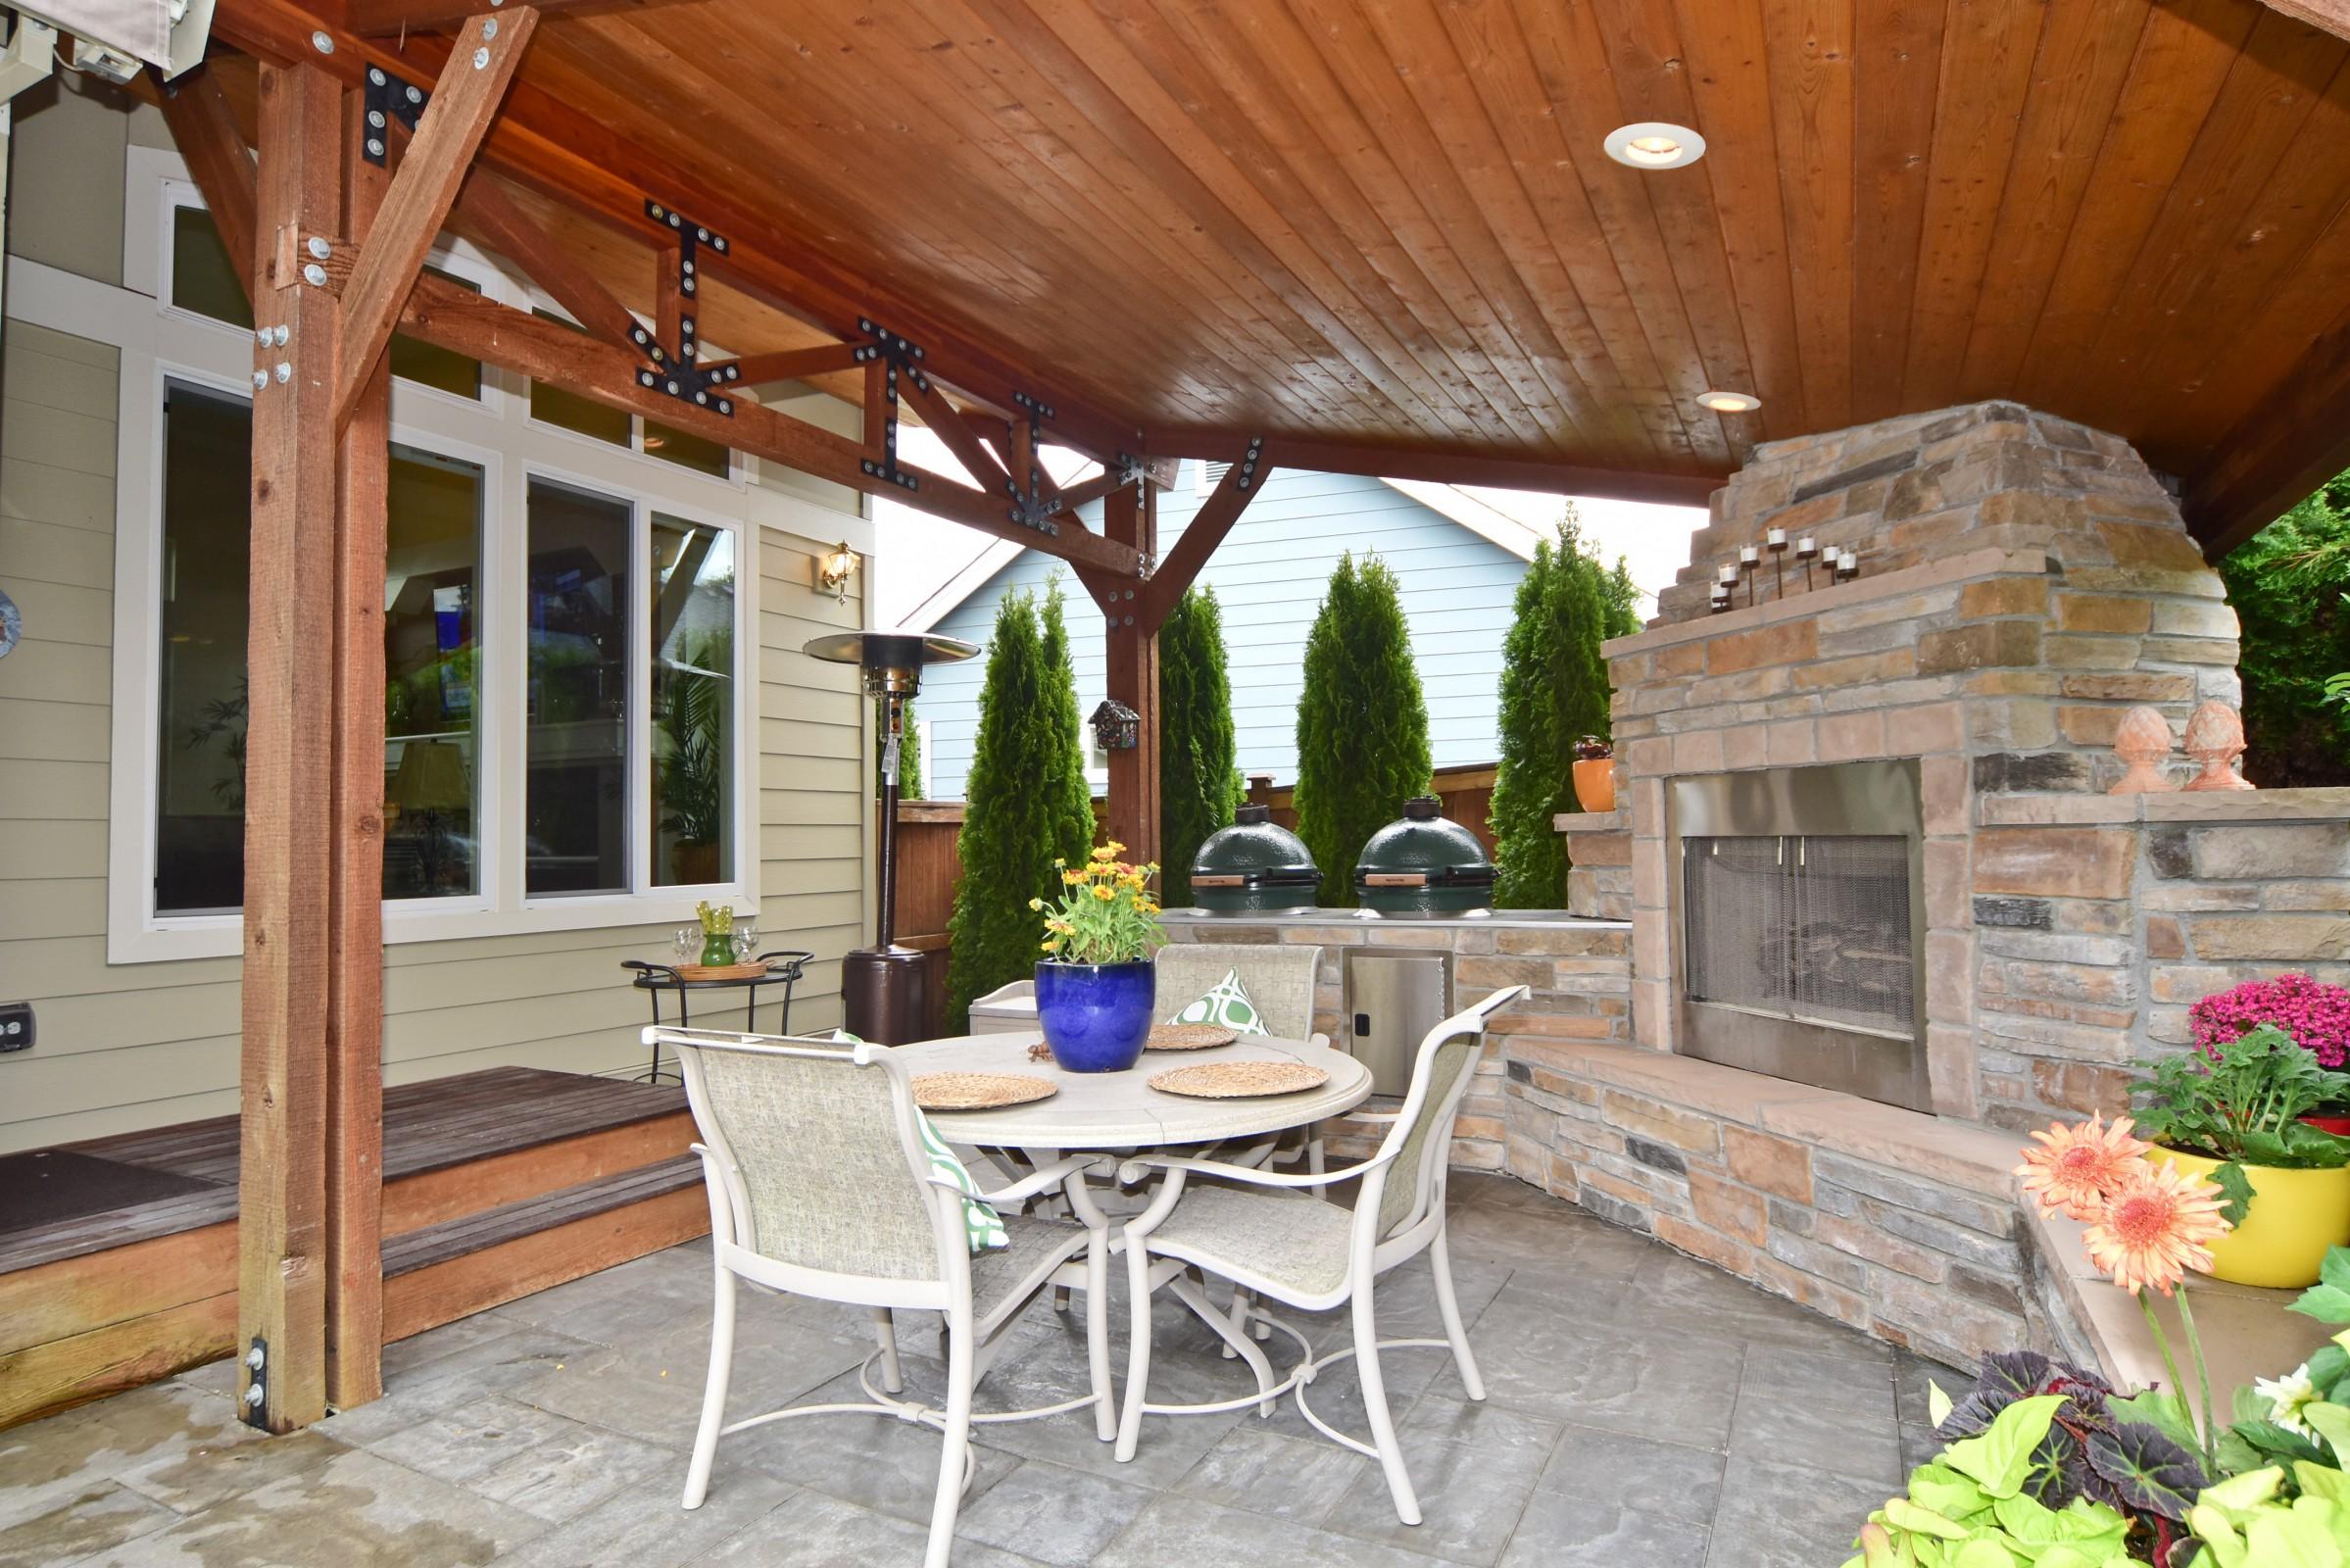 Redmond_Outdoor Kitchen 2.jpg